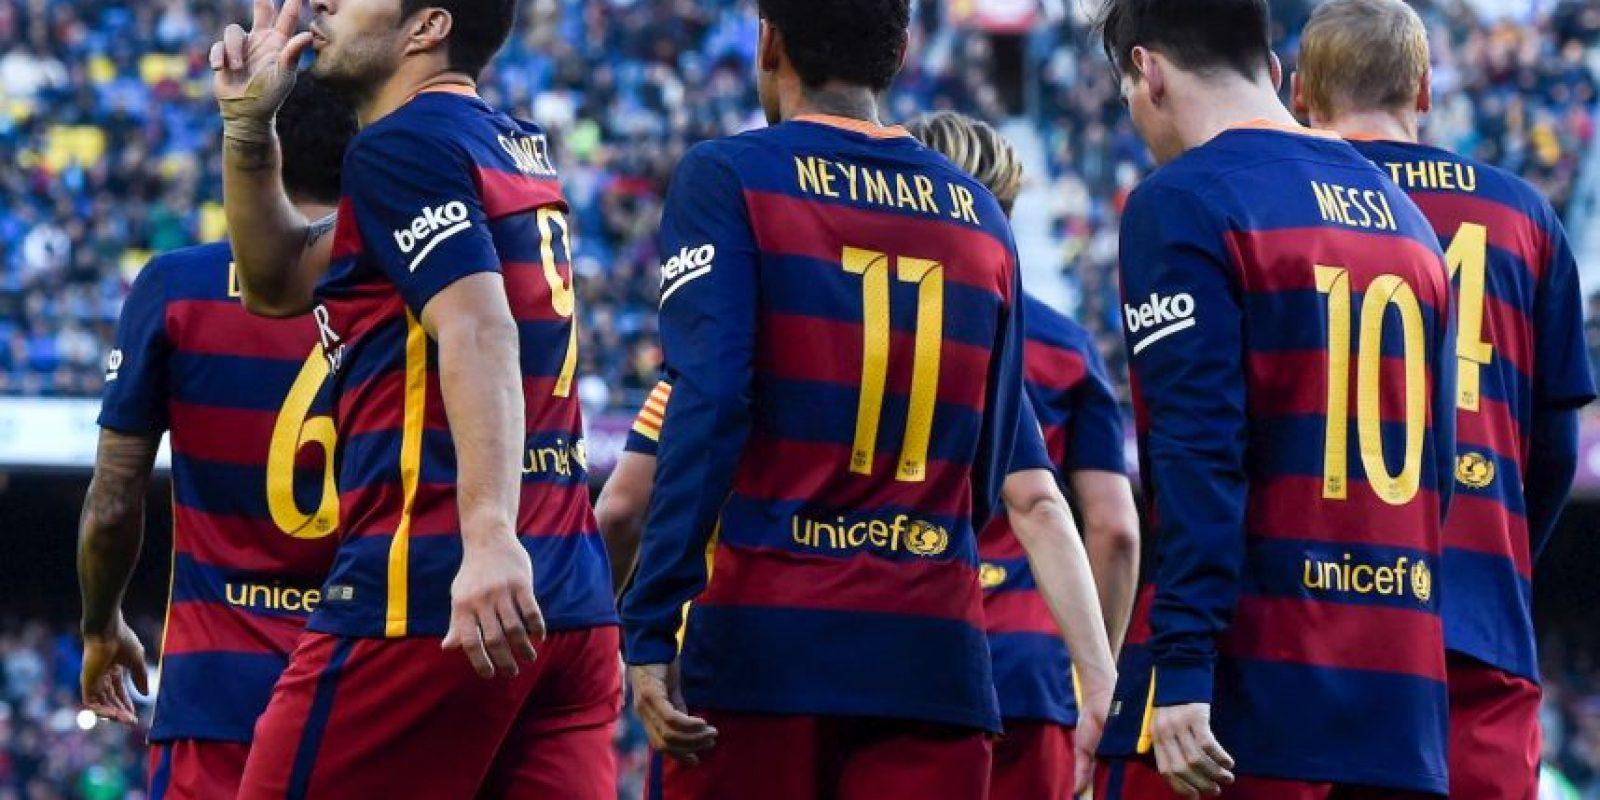 El equipo gallego tiene 22 puntos y tratará de frenar la racha ganadora del equipo de Luis Enrique. Foto:Getty Images